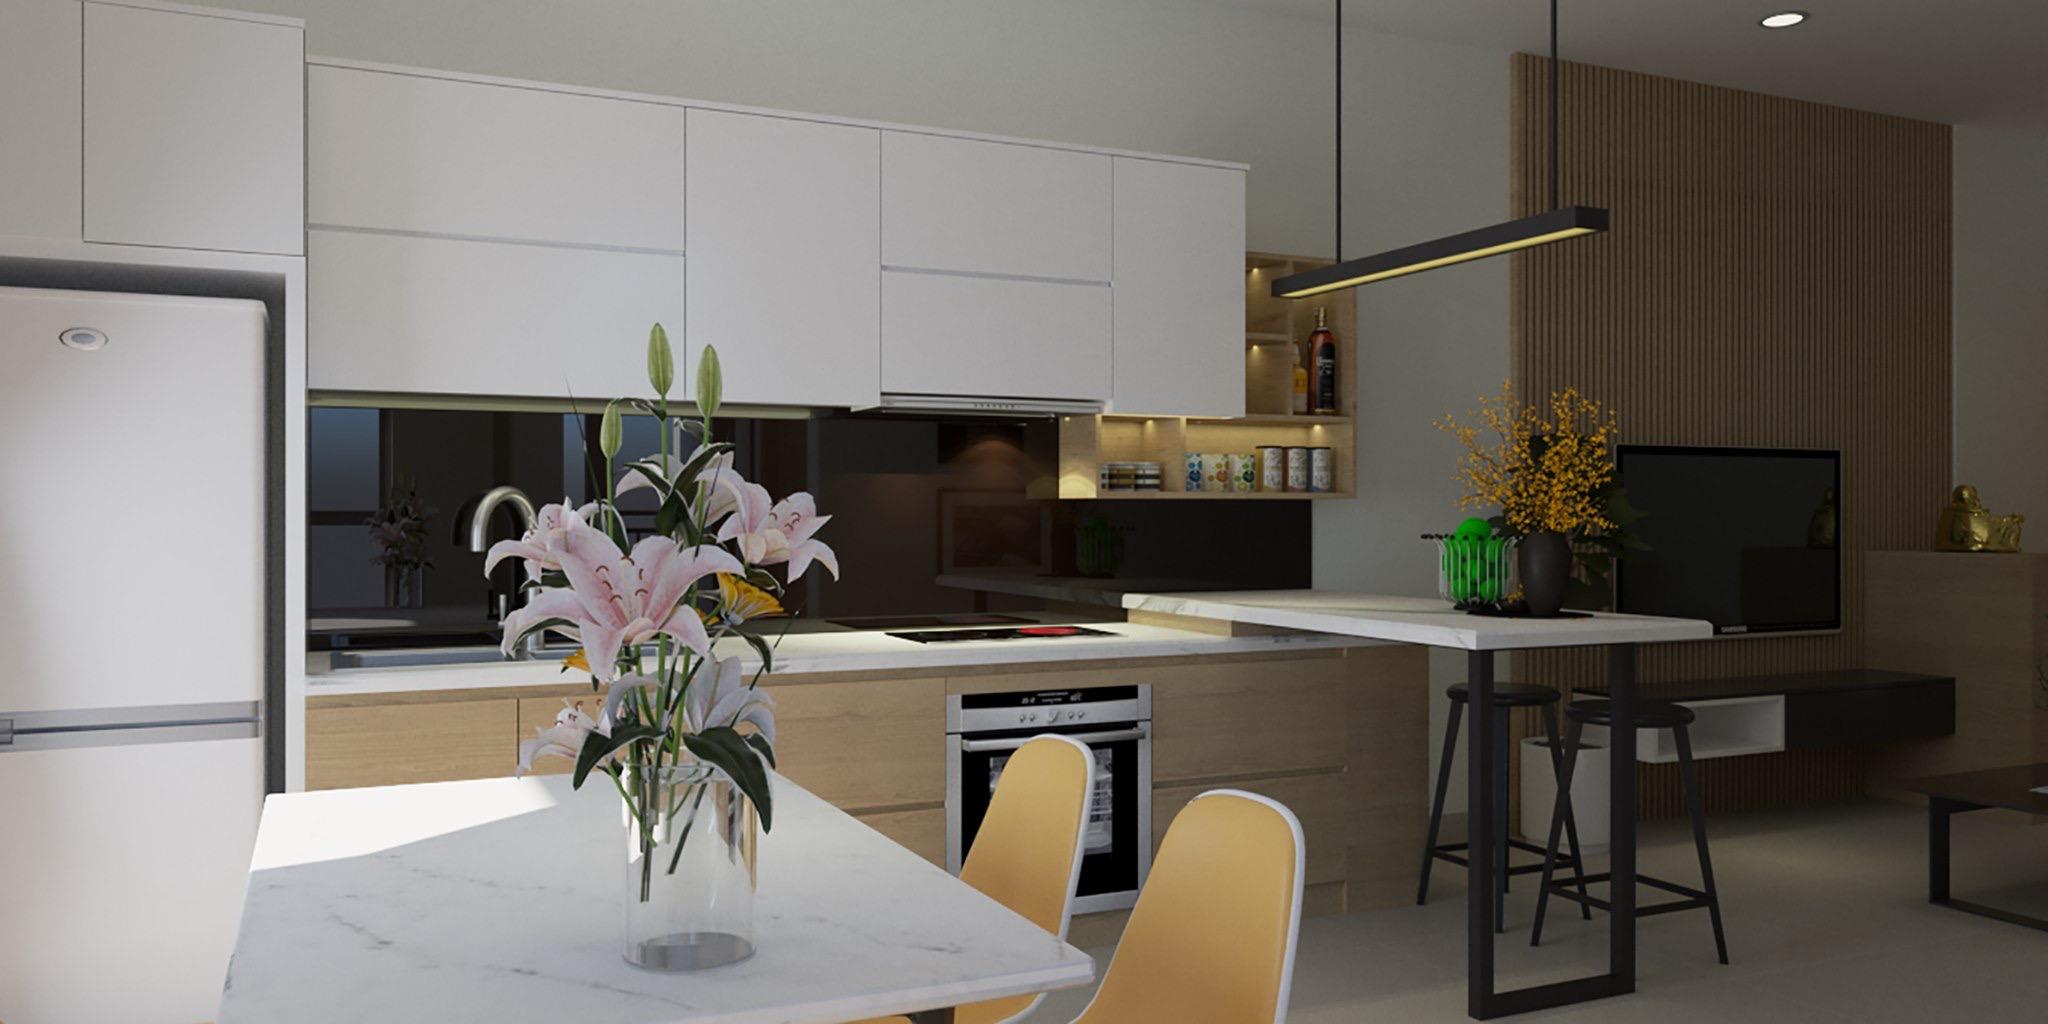 thiết kế nội thất chung cư tại Hồ Chí Minh Căn hộ anh Sáng 1 1562434320